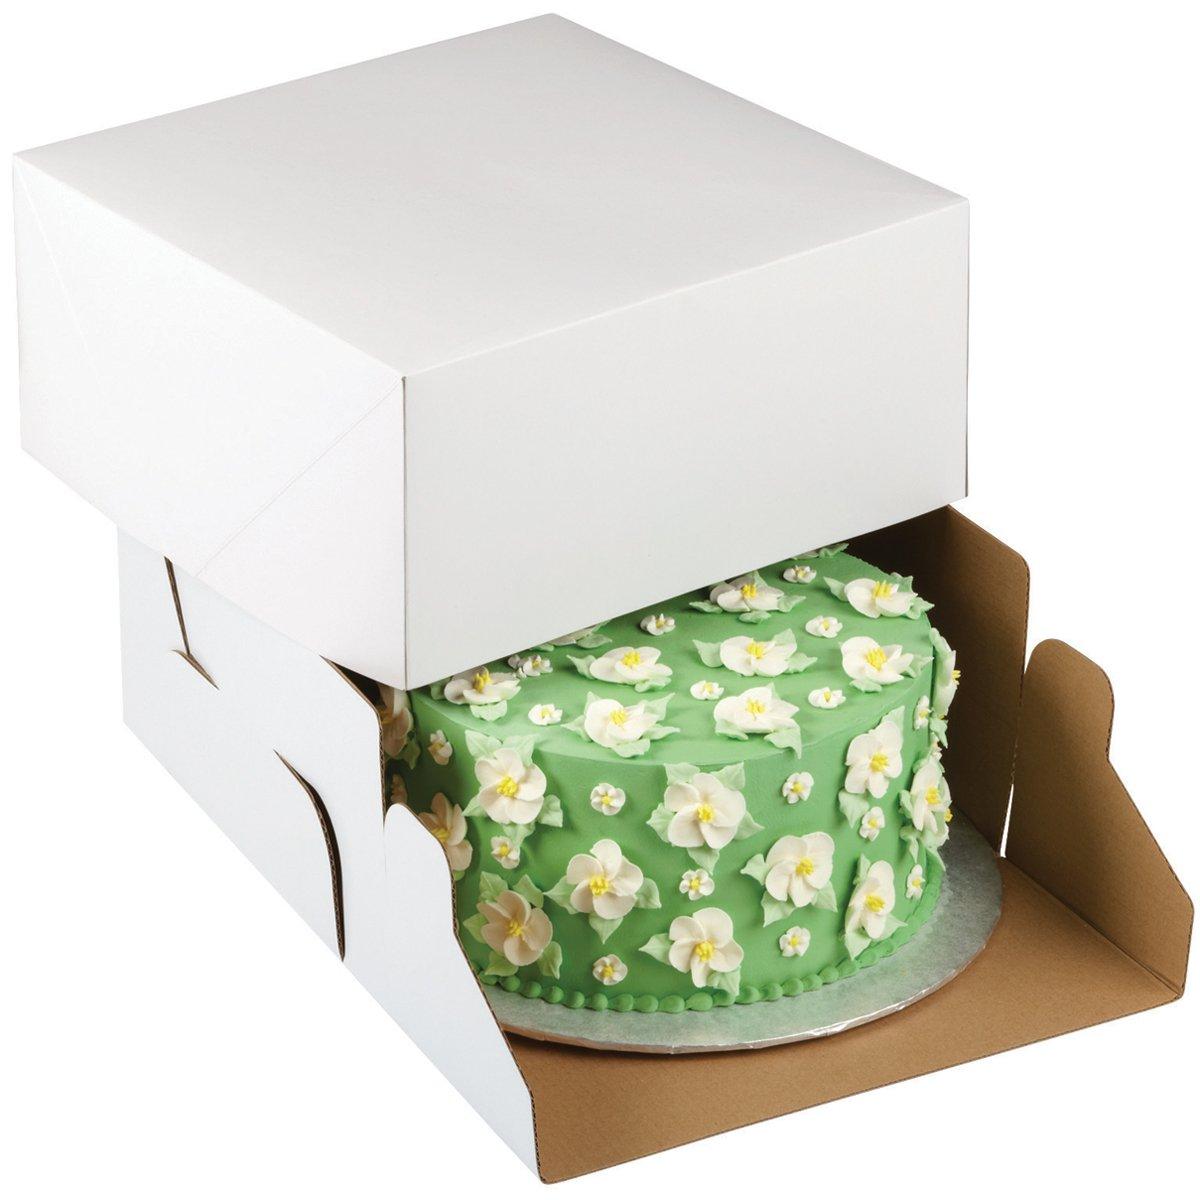 Cake Boxes Amazon